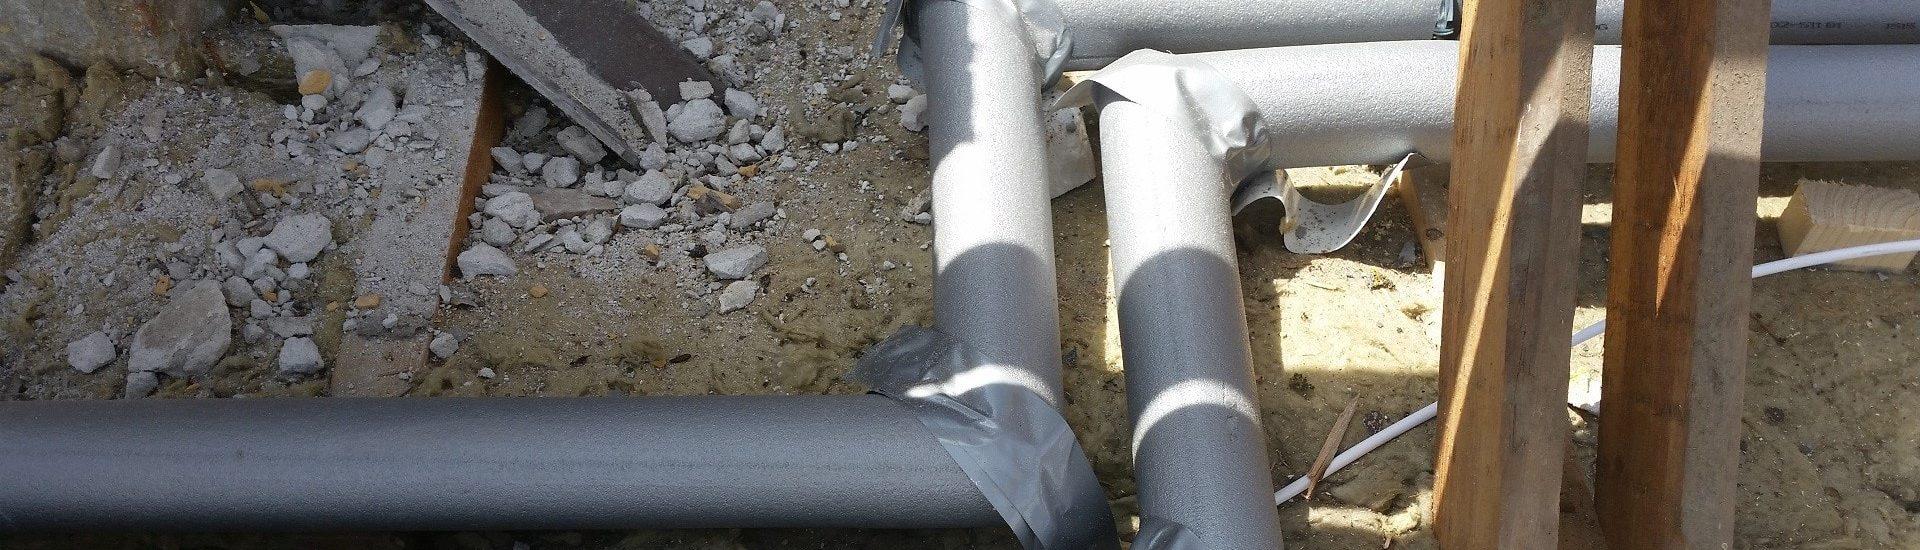 Dårligt isoleret vandrør på lofter